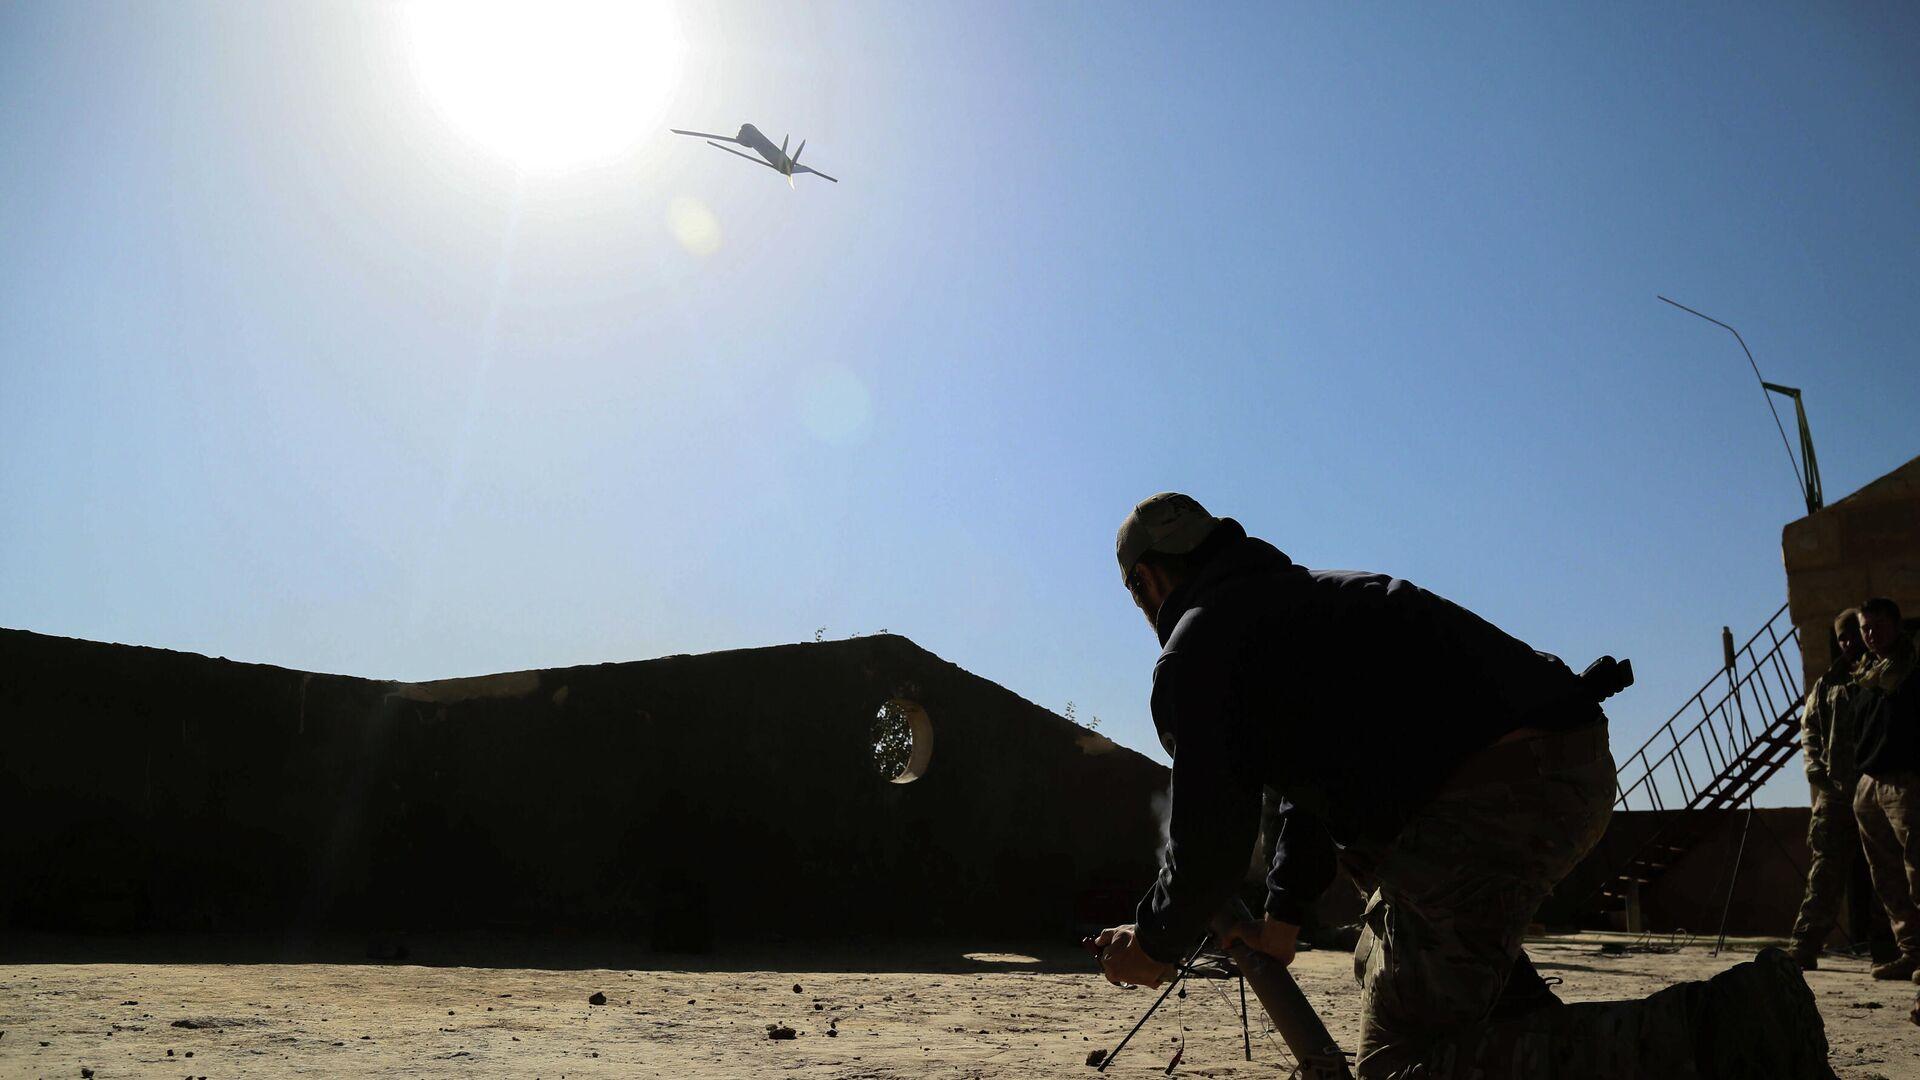 Американский военный запускает беспилотный летательный аппарат в Сирии - РИА Новости, 1920, 26.07.2021